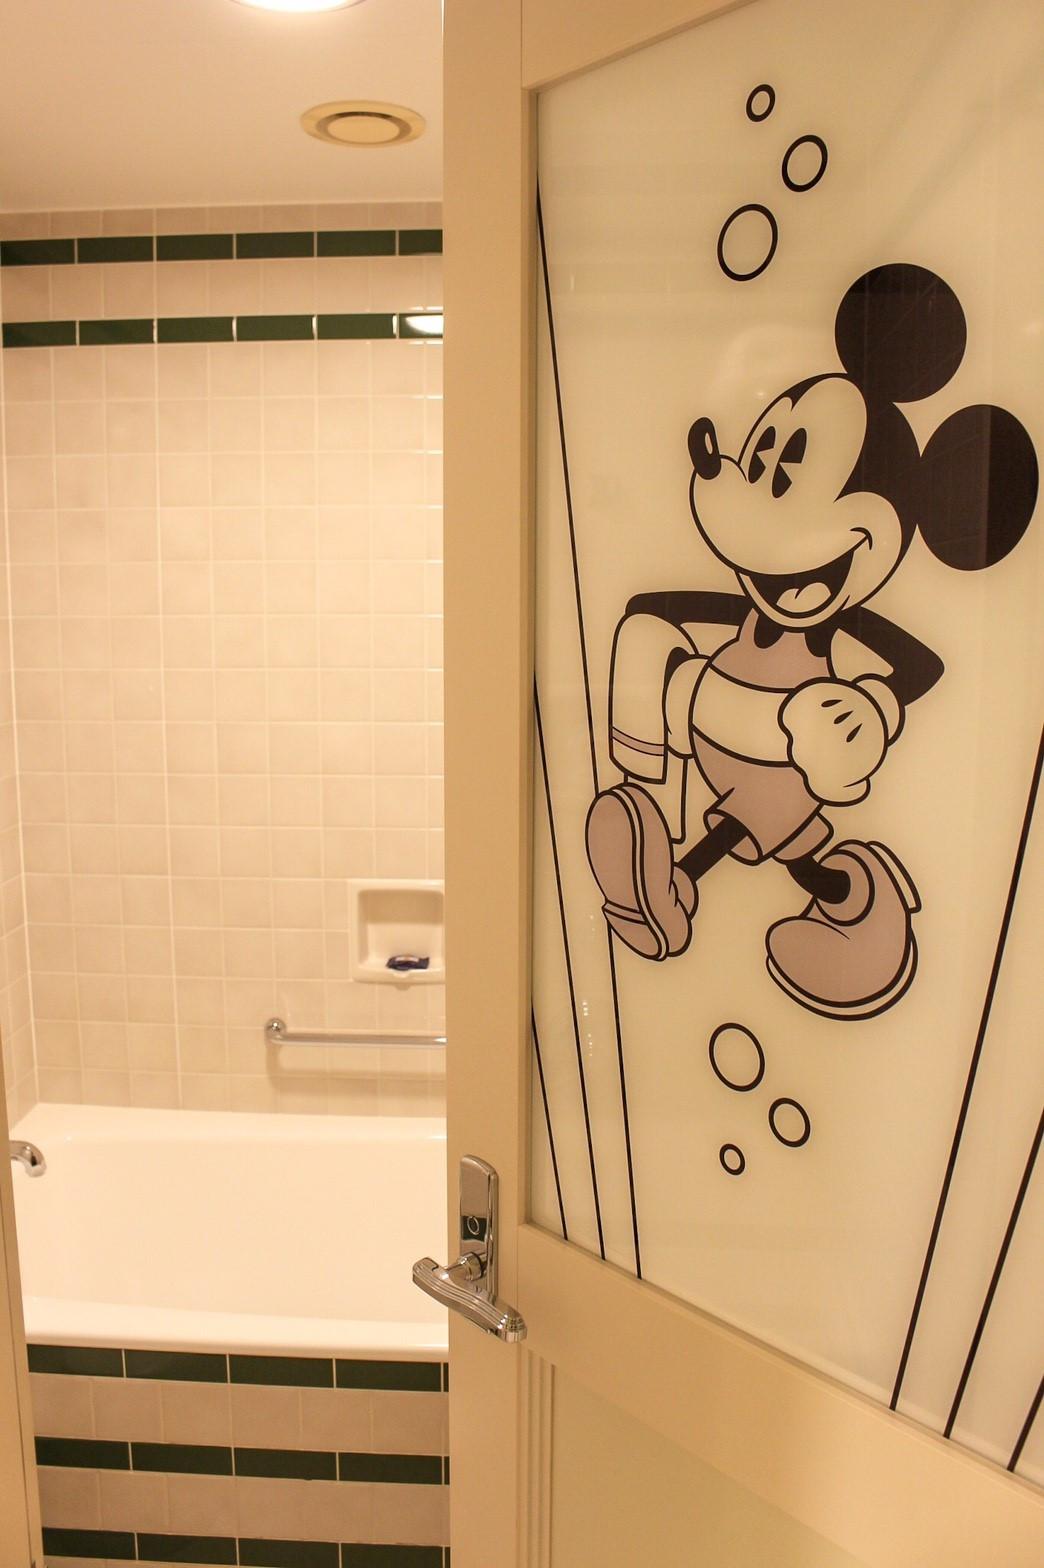 ミッキーマウスルーム(アンバサダーホテル)のお風呂場